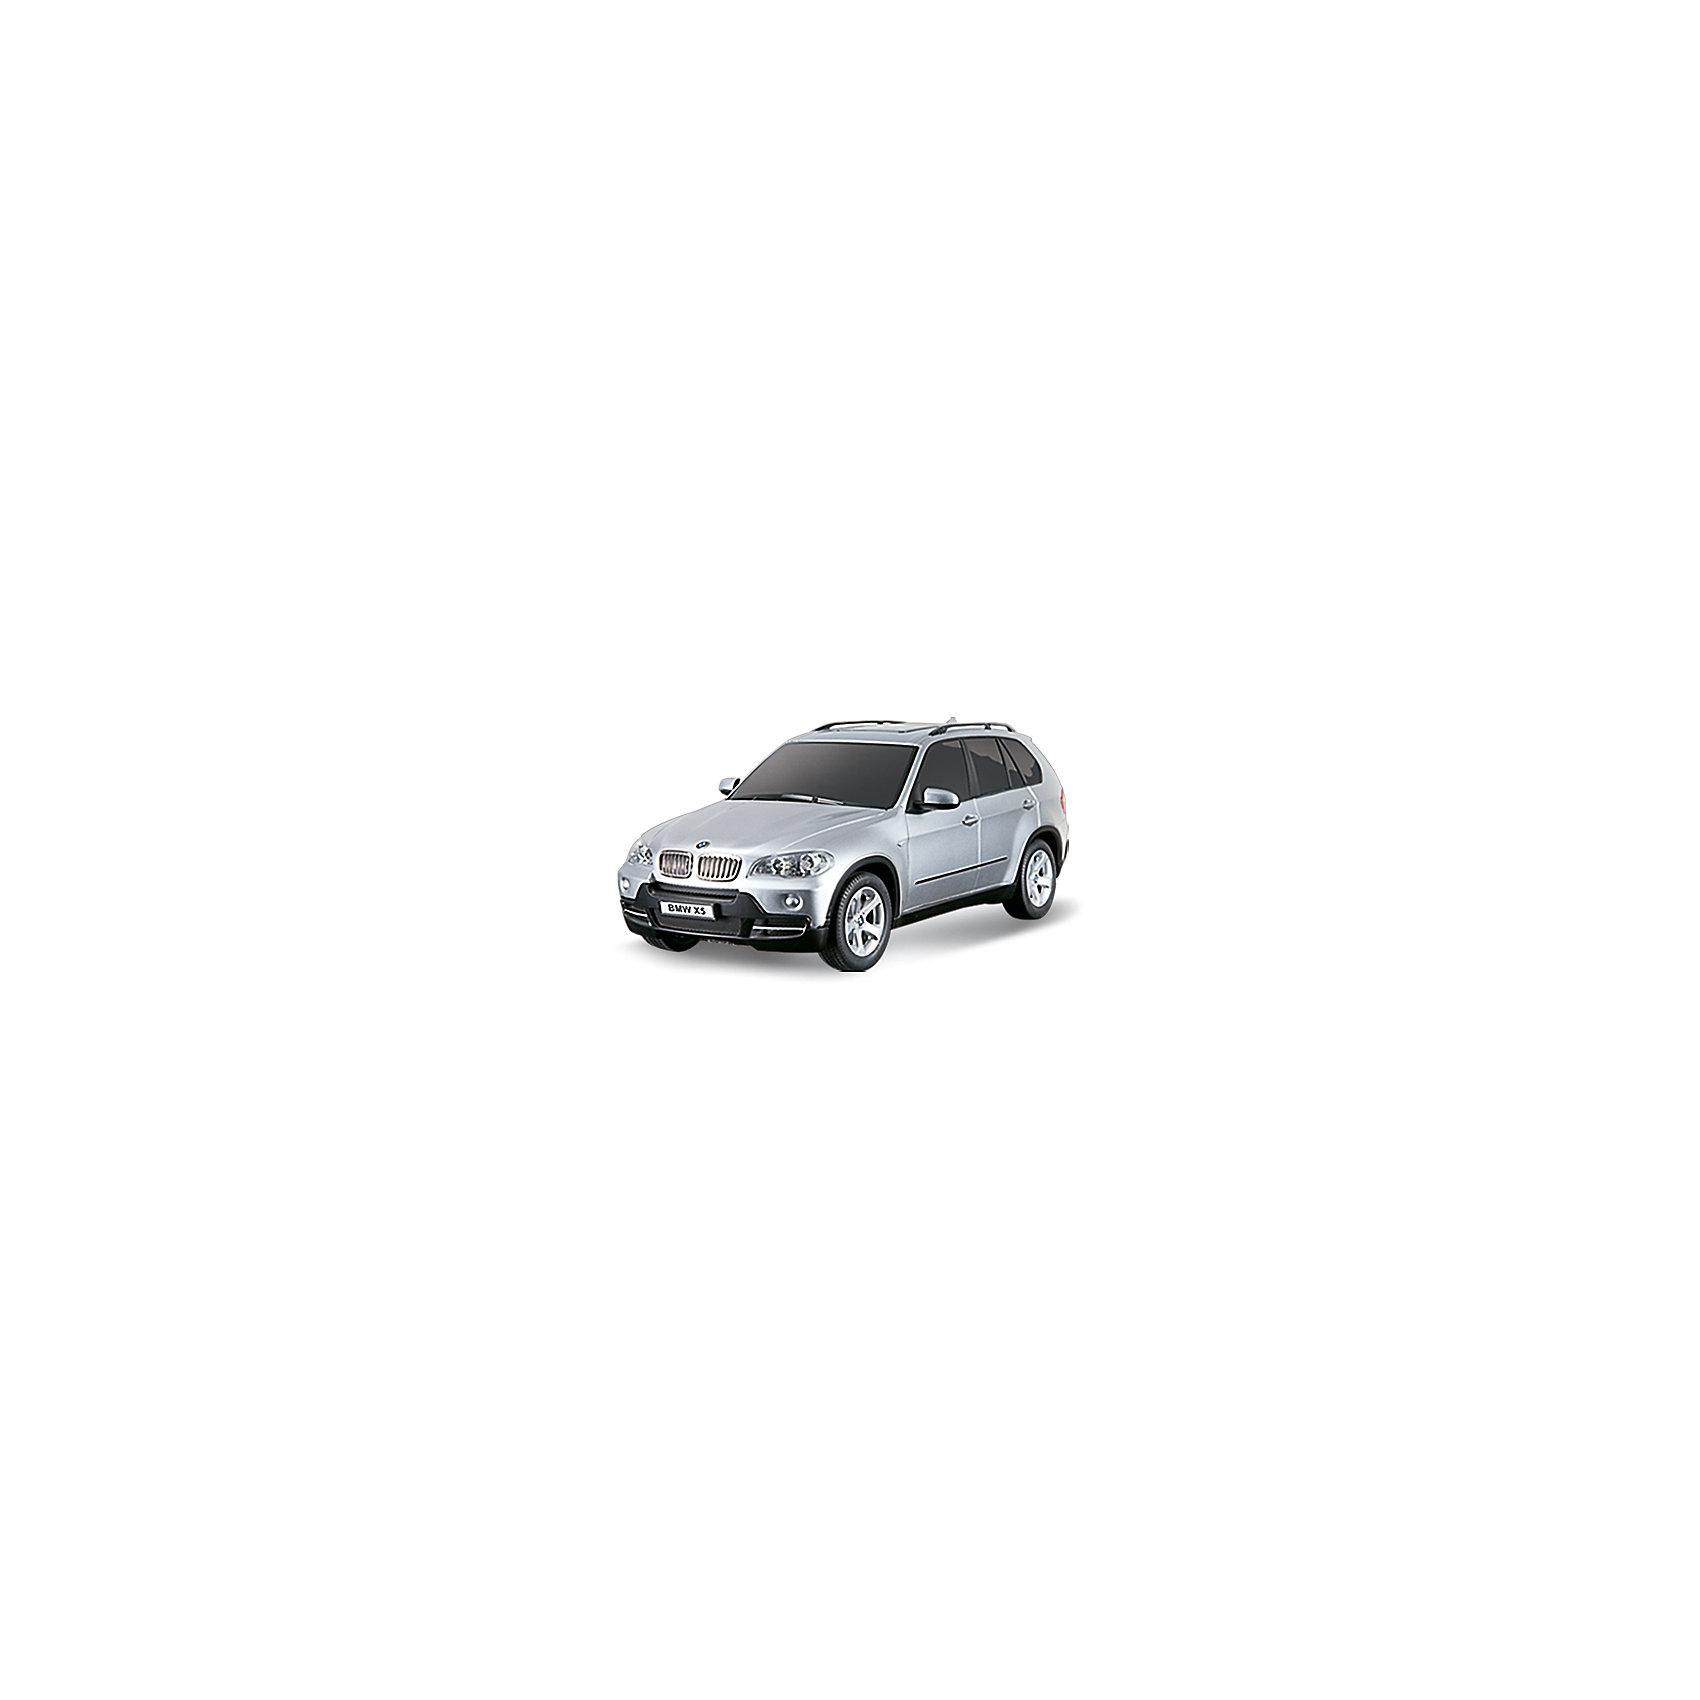 Машина BMW X5, 1:18, со светом, р/у, RASTAR, в ассортиментеНевероятно стильная и красивая модель, выполненная в масштабе 1:18 приведет в восторг любого мальчишку! Машина прекрасно детализирована, очень похожа на настоящий автомобиль, развивает скорость до 12км/ч. Модель имеет четыре направления движения: вперед, назад, вправо и влево, работающие передние и задние фары, стоп-сигналы, при повороте вправо/влево включаются поворотники, во время движения слышен шум работающего двигателя. <br><br>Дополнительная информация:<br><br>- Материал: пластик, металл.<br>- Размер: 27,5х10,5х 10,4 см. <br>- Максимальная скорость 12 км/ч.<br>- Время непрерывной работы: 120 мин.<br>- Масштаб: 1:18.<br>- Комплектация: машинка; пульт управления.<br>- Звуковые и световые эффекты.<br>- Элемент питания: 4 ААА батарейки 1 крона (в комплект не входят).<br>- Дистанция управления: до 15 м.<br>- Цвет в ассортименте.<br>ВНИМАНИЕ! Данный артикул представлен в разных цветовых вариантах. К сожалению, заранее выбрать определенный цвет невозможно. При заказе нескольких машин, возможно получение одинаковых.<br><br>Машину BMW X5, 1:18, со светом, р/у, RASTAR, в ассортименте, можно купить в нашем магазине.<br><br>Ширина мм: 380<br>Глубина мм: 150<br>Высота мм: 170<br>Вес г: 830<br>Возраст от месяцев: 36<br>Возраст до месяцев: 144<br>Пол: Мужской<br>Возраст: Детский<br>SKU: 4310828